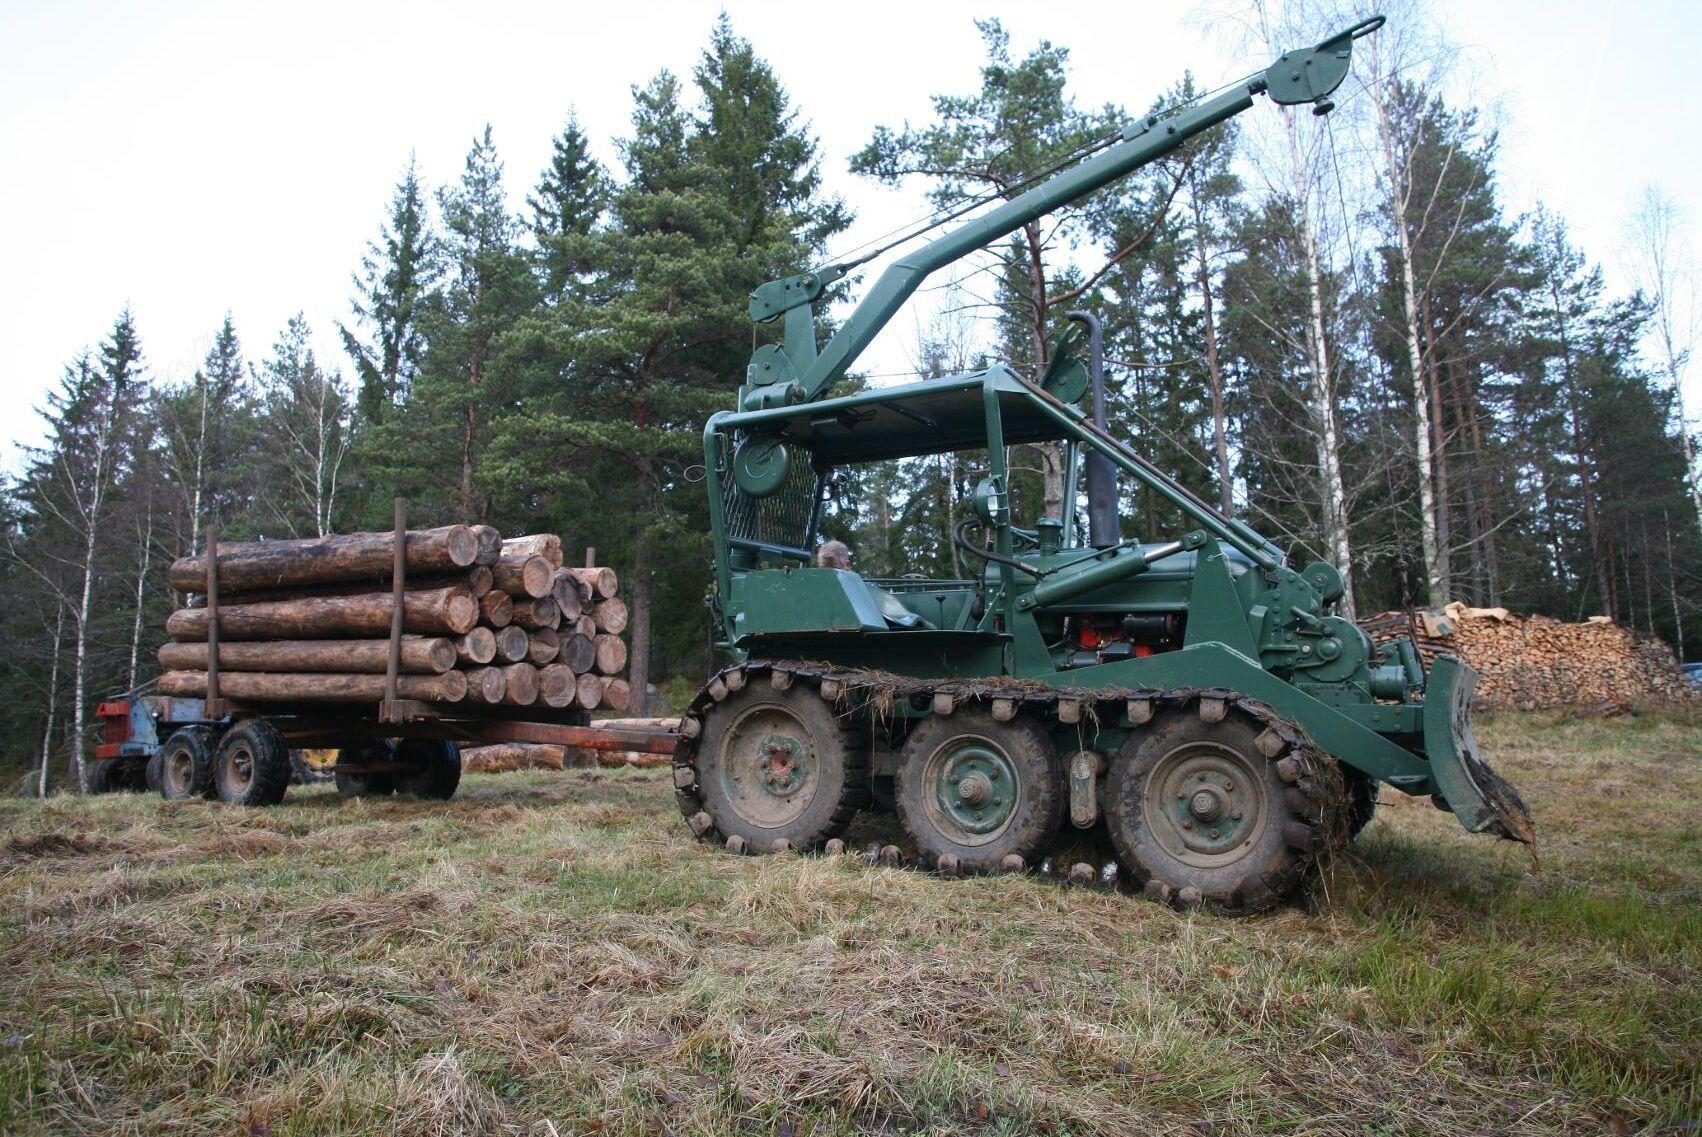 1957 börjar ÖSA och BM Volvo sälja den gröna helbandaren 230 Bamse och många historiker kallar den världens första riktiga skotare. Den bygger på jordbrukstraktorn BM 230 Victor och 1960 uppgraderas den och nya Bamsen blir rödlackad.